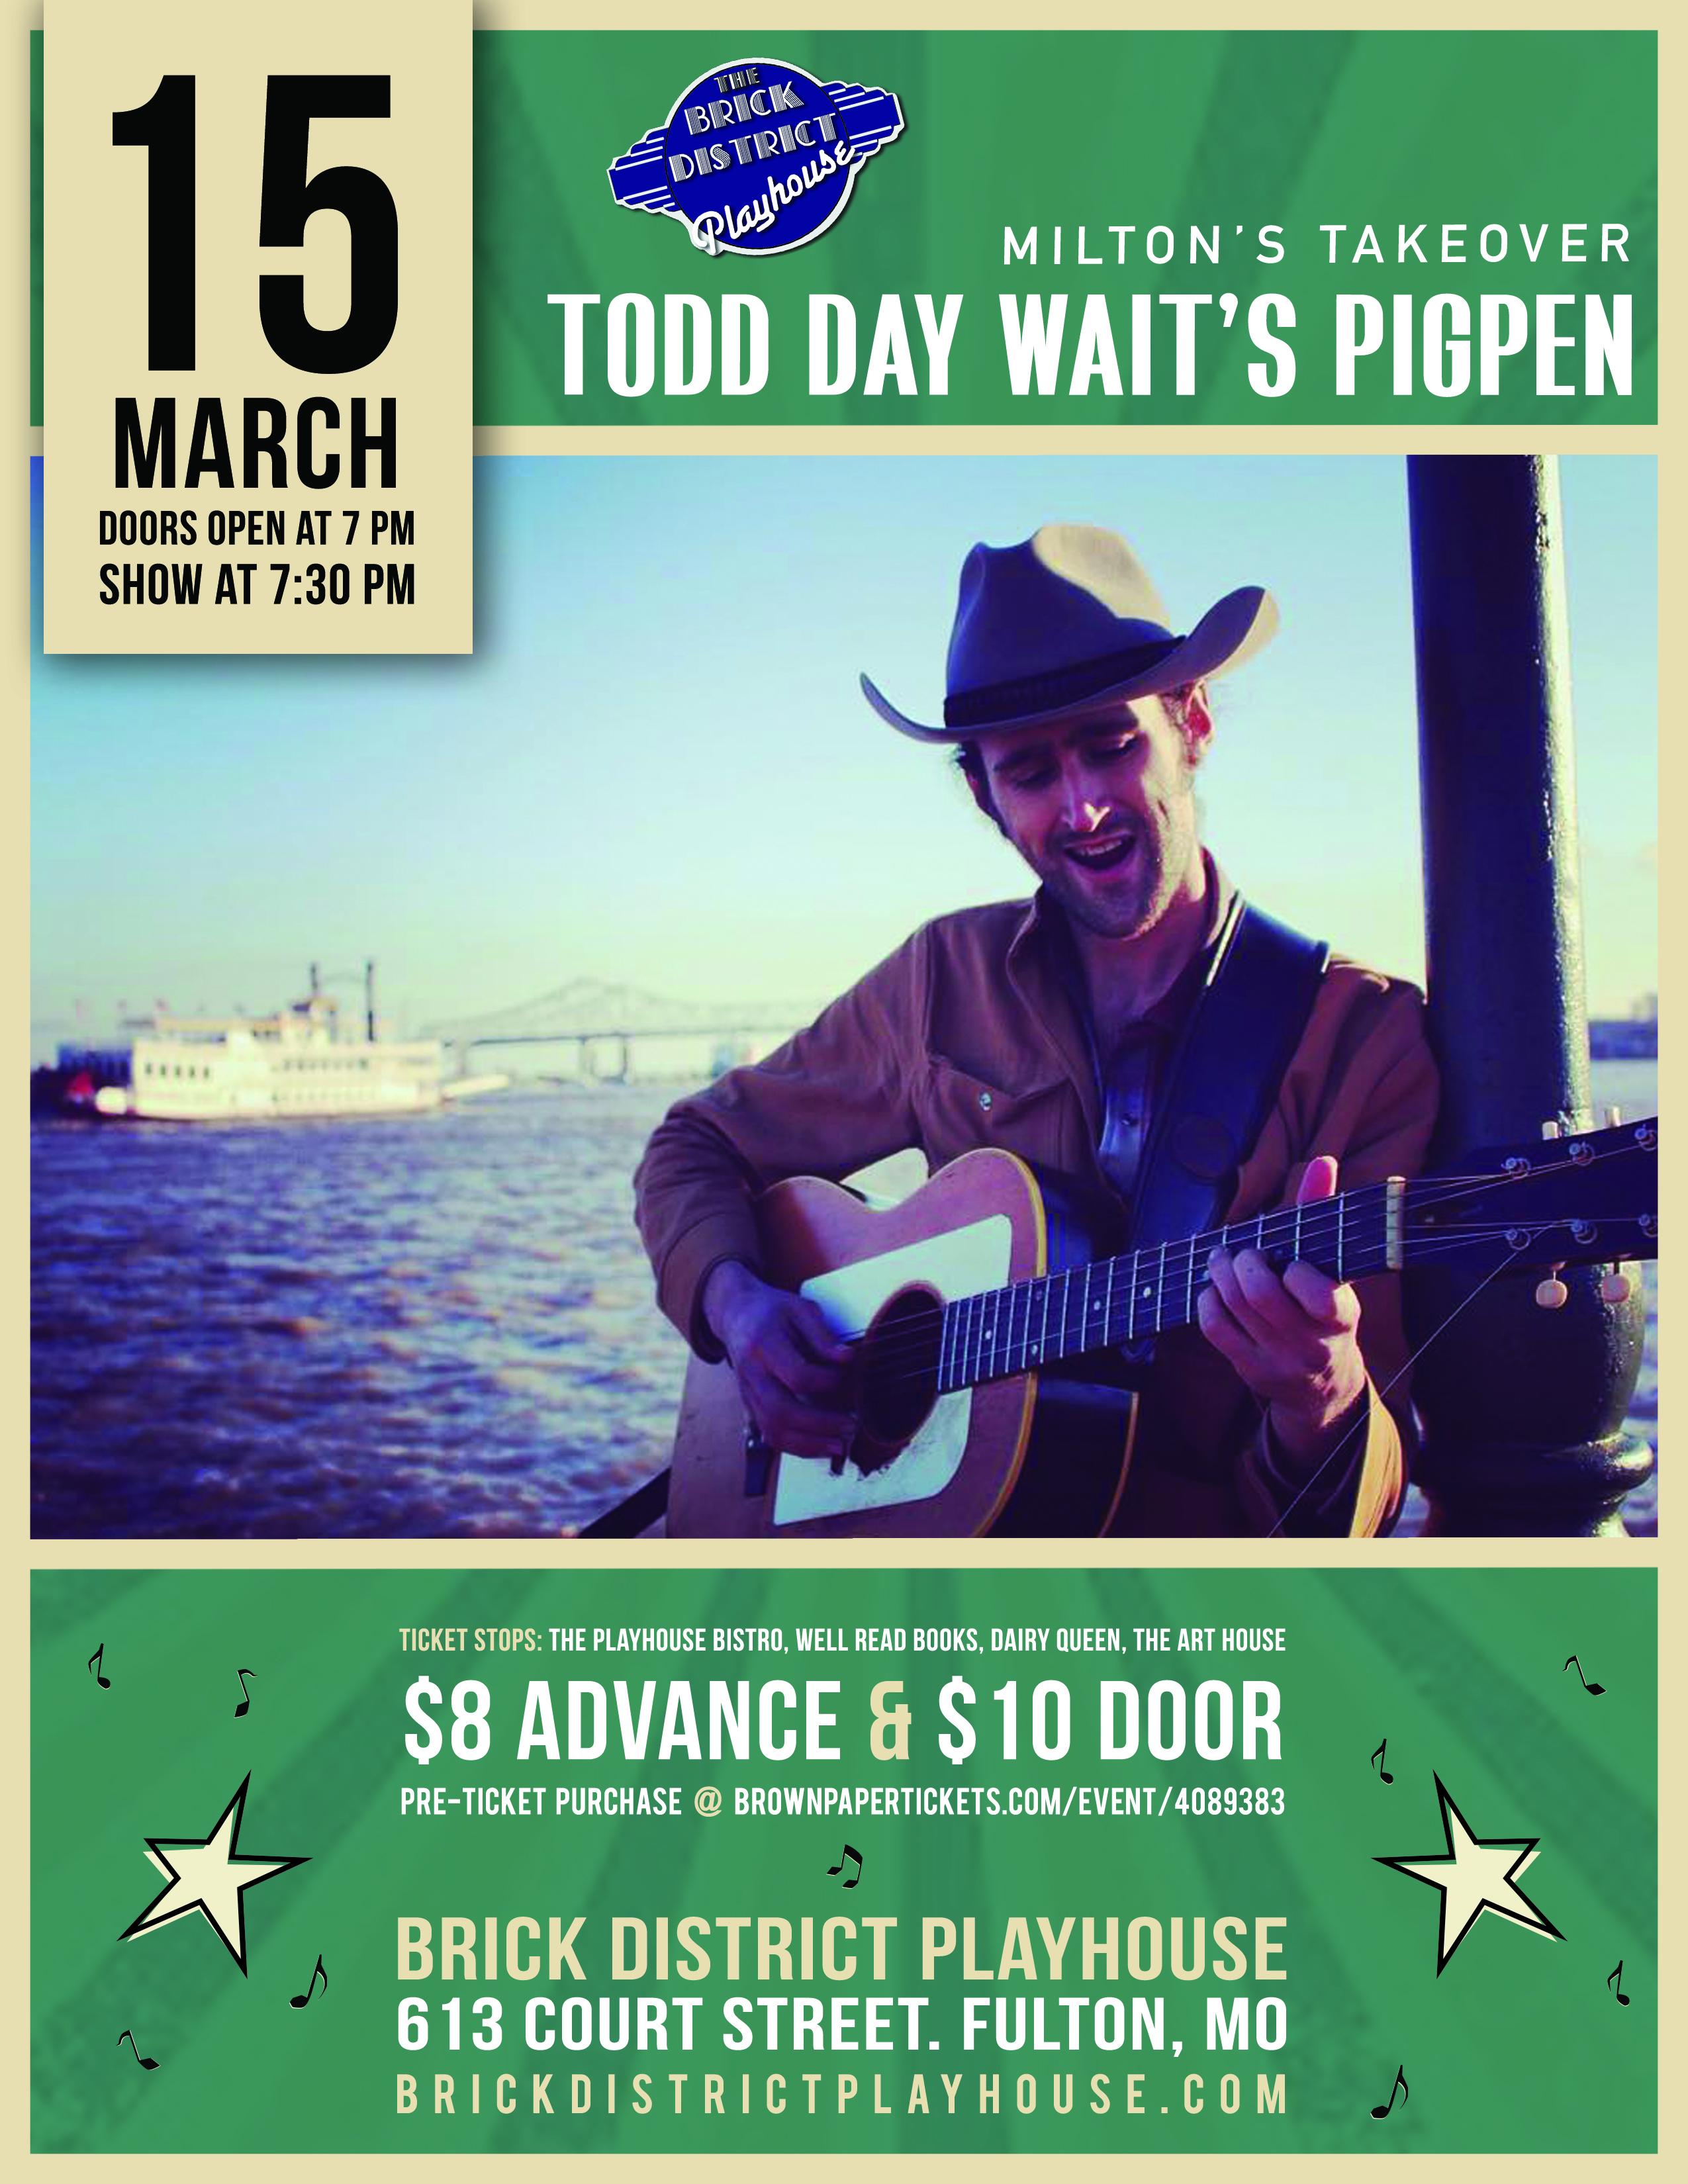 Todd Day Wait